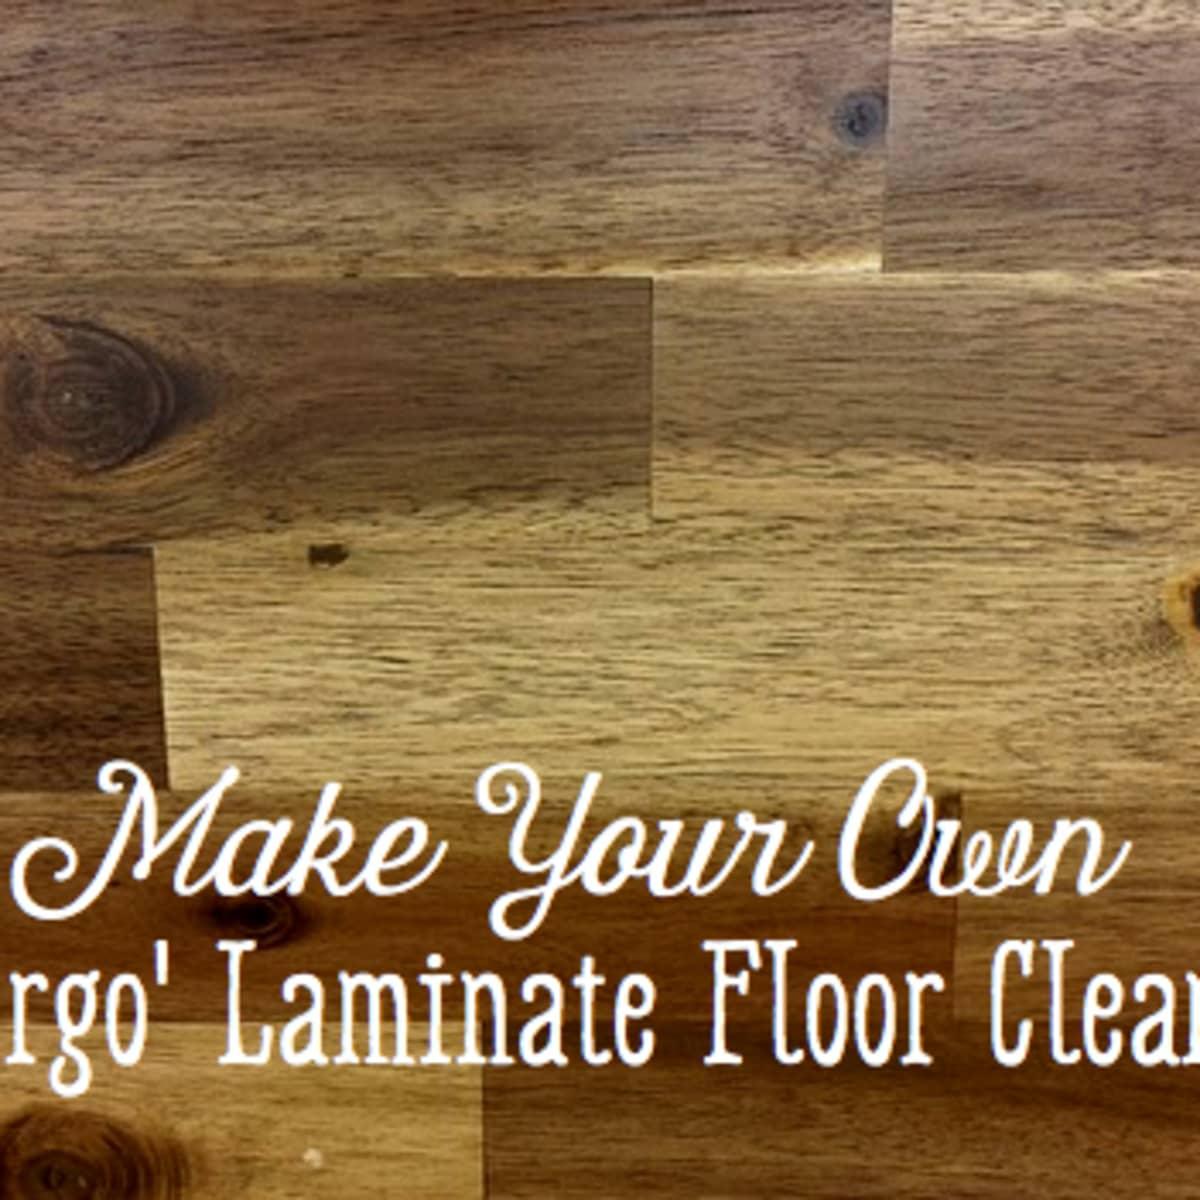 Diy Pergo Laminate Floor Cleaner, How To Take Care Of Pergo Laminate Flooring